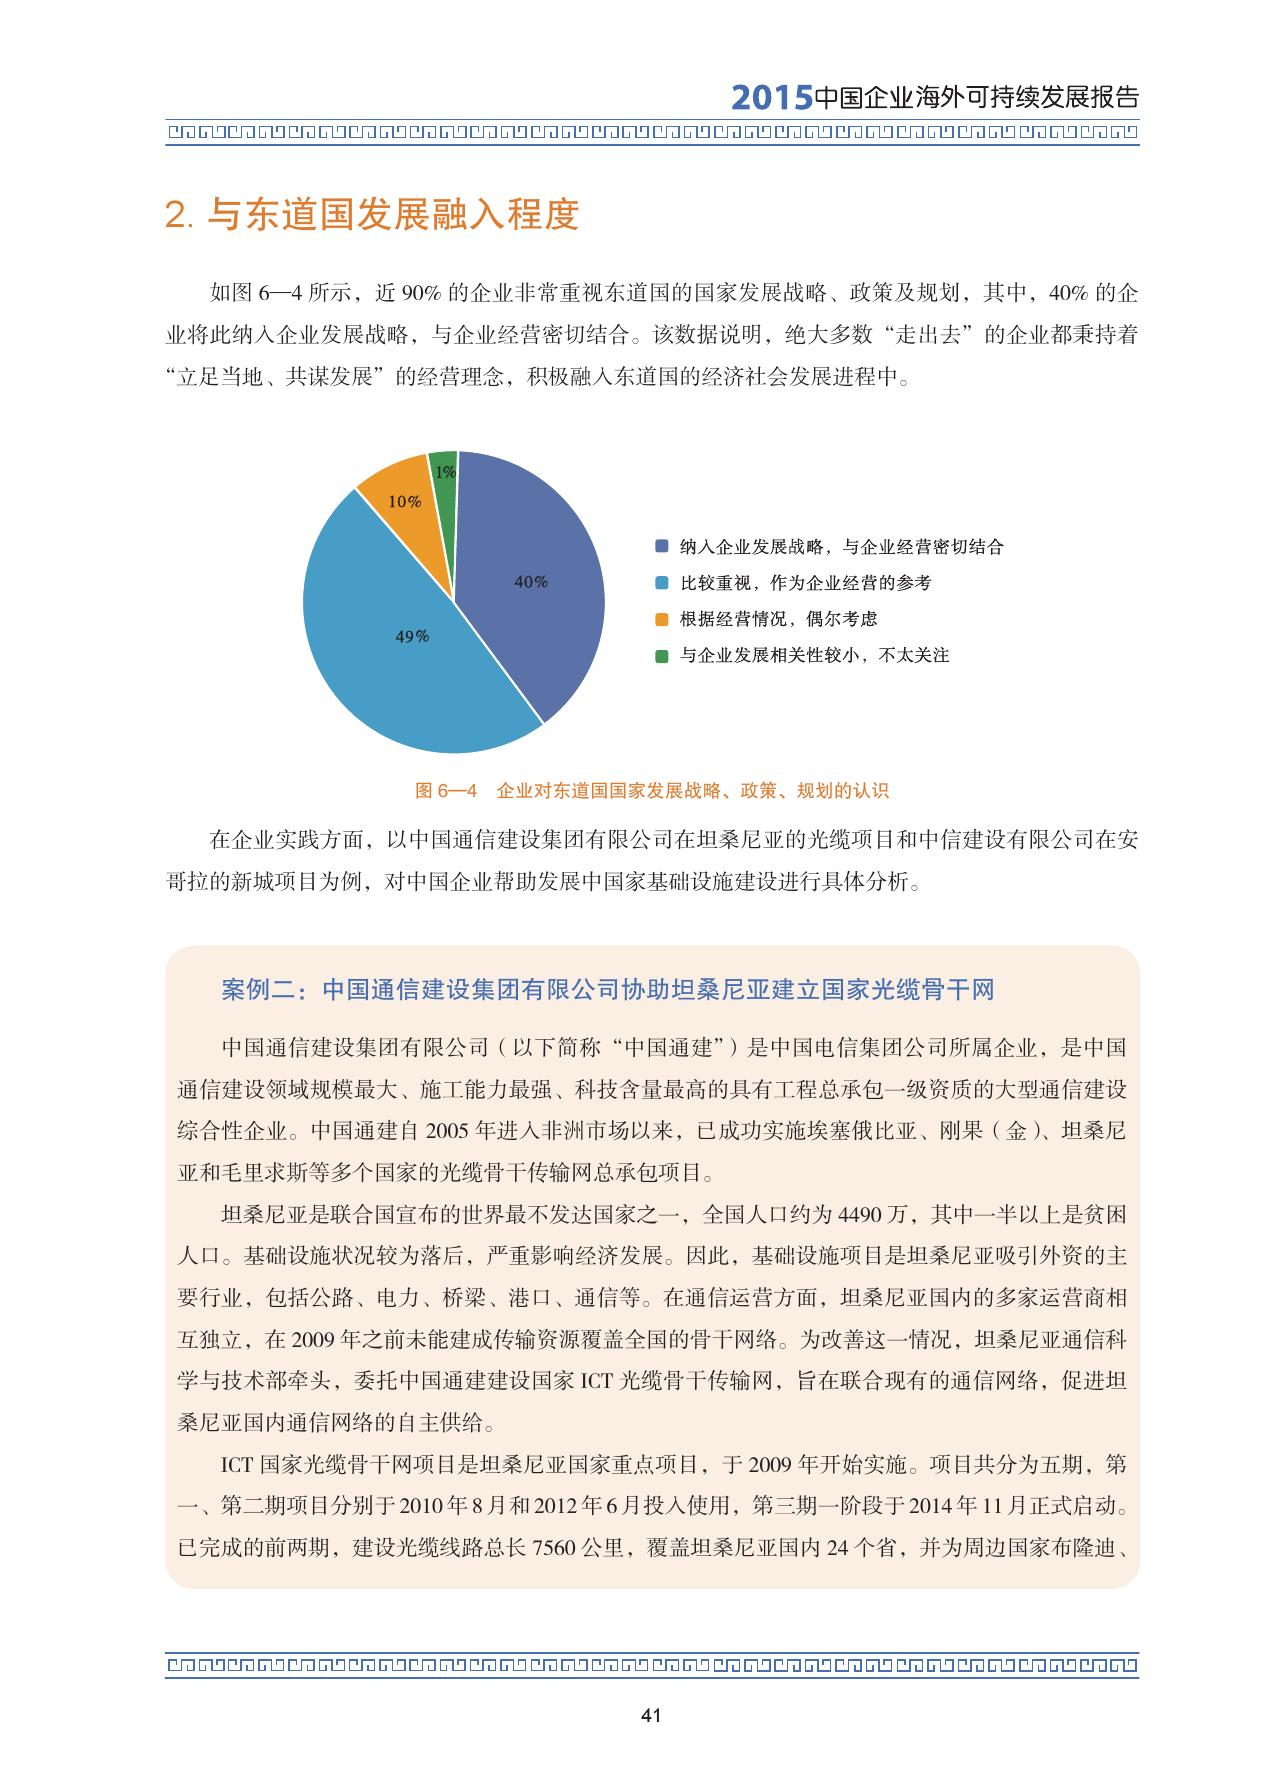 2015中国企业海外可持续发展报告_000055